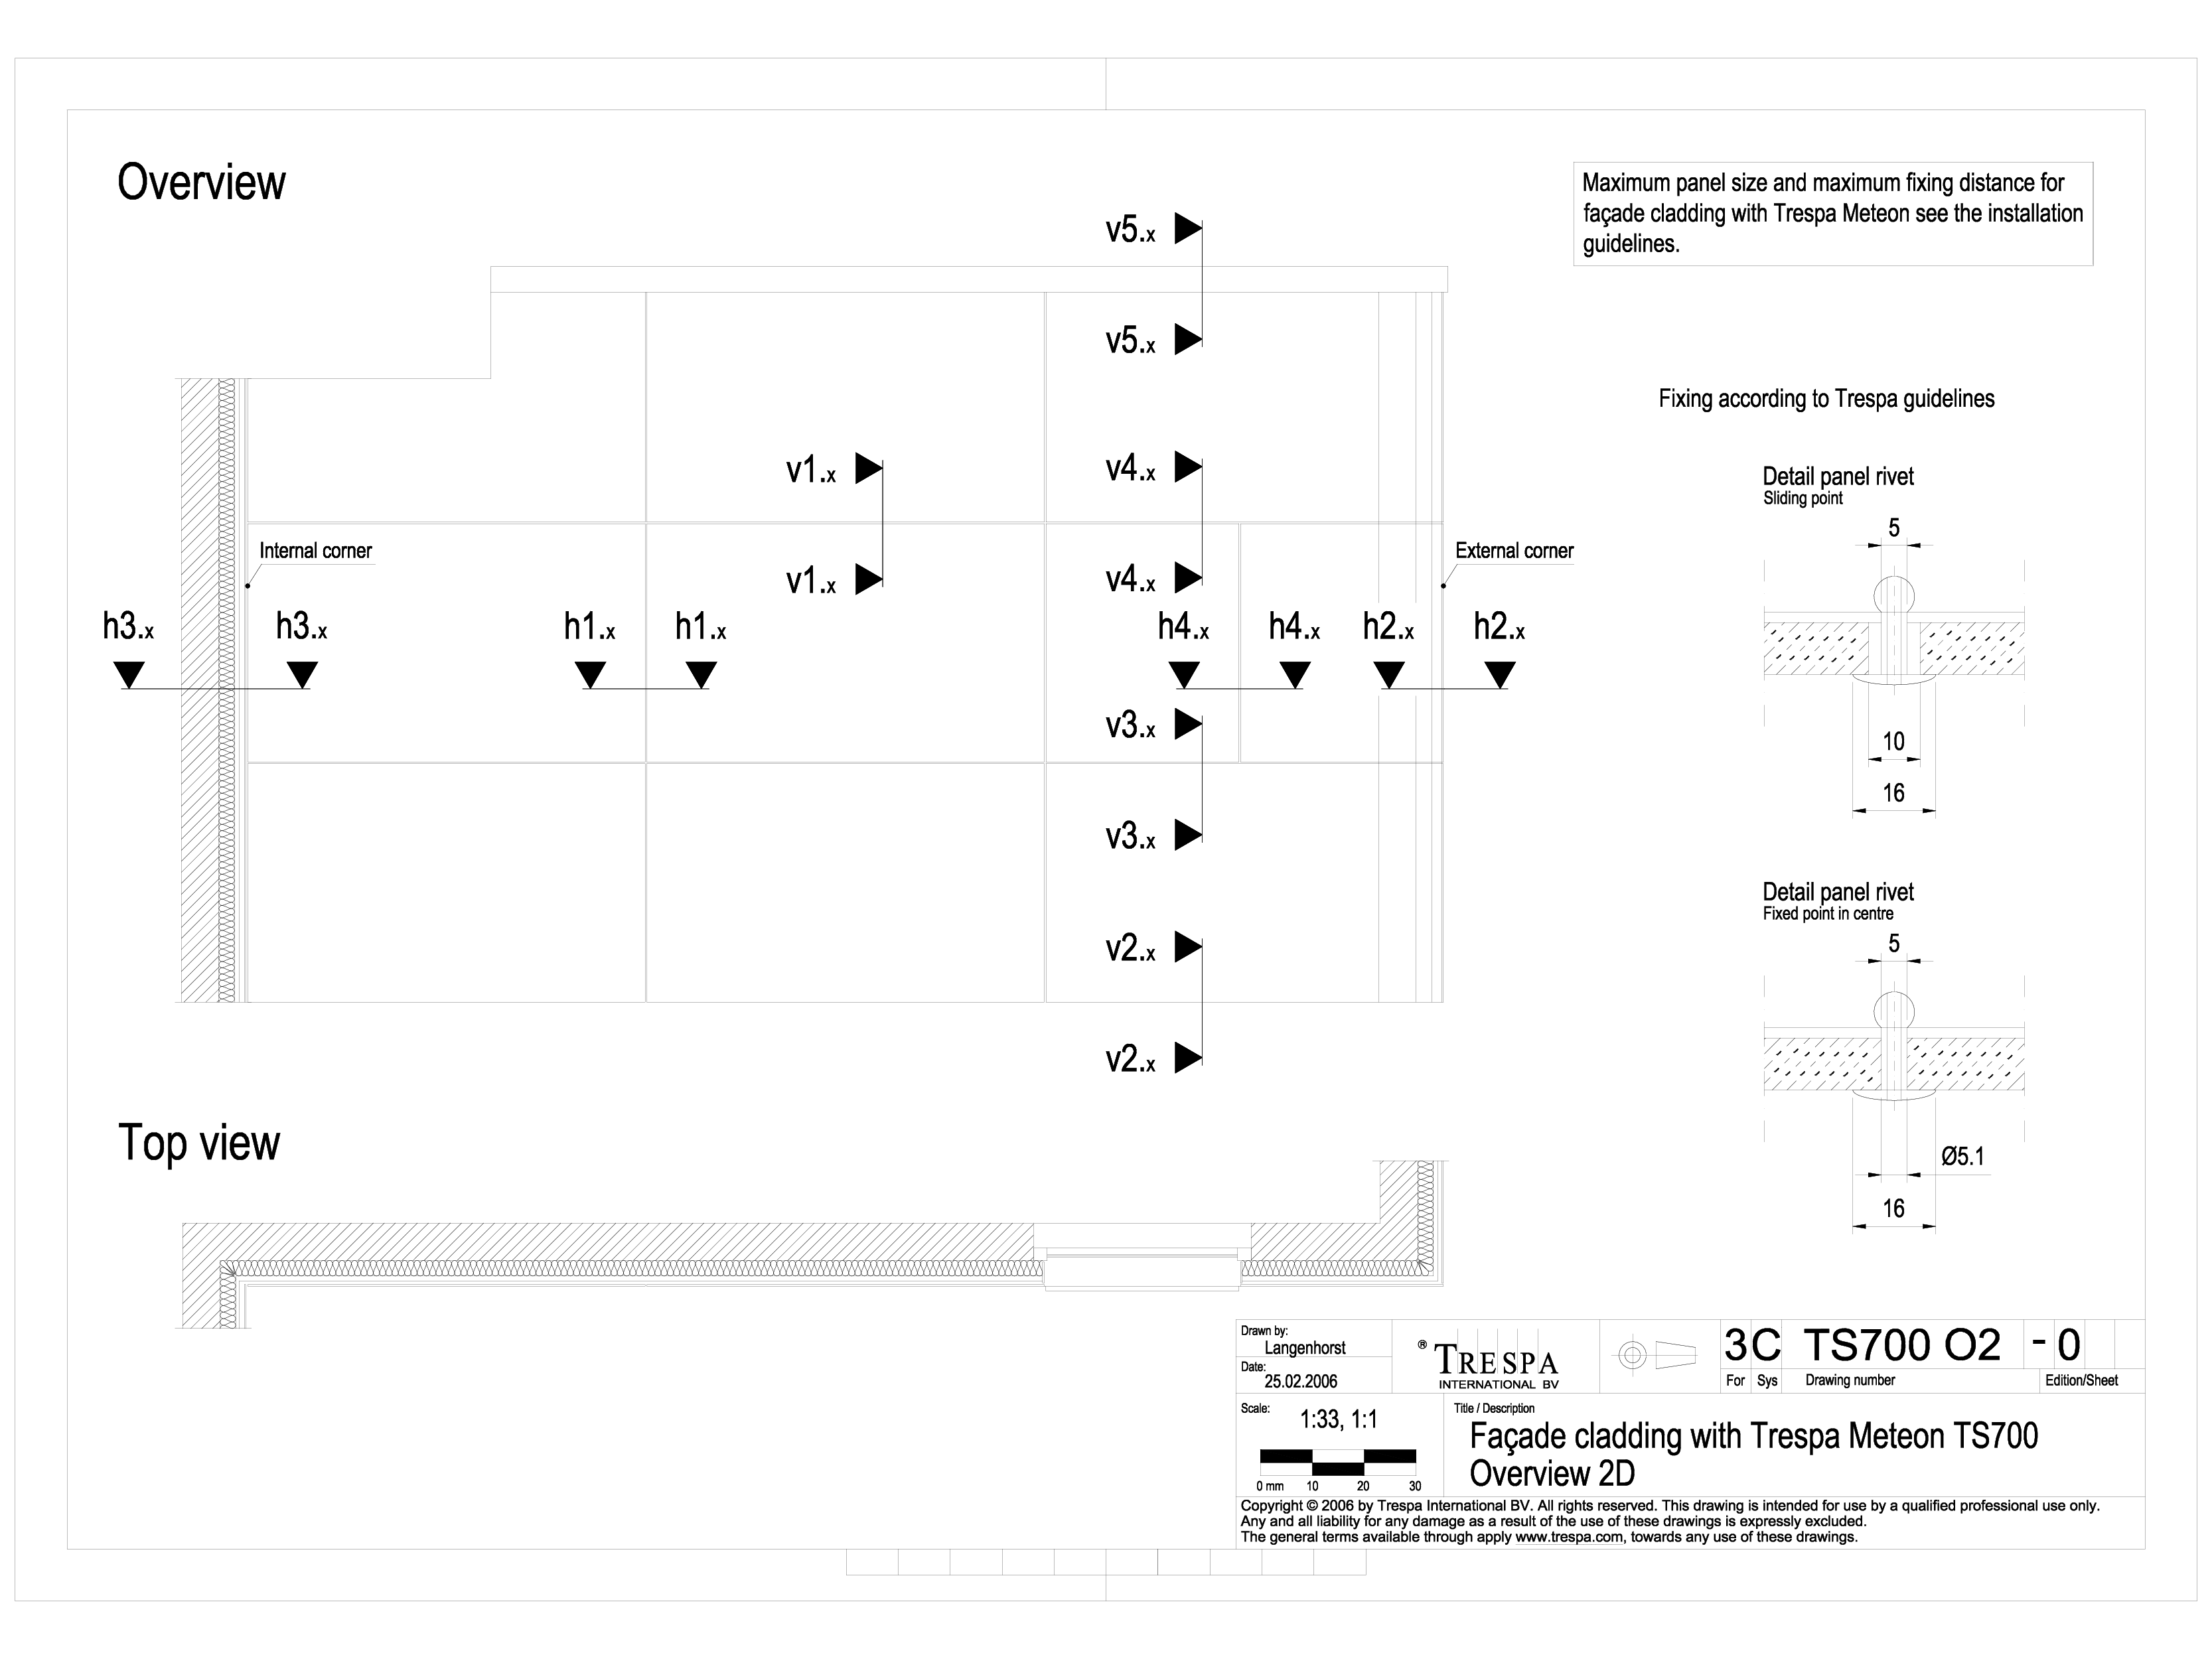 Sisteme de prindere fatade ventilate invizibile cu nituri METEON TRESPA Placi HPL pentru fatade ventilate GIBB TECHNOLOGIES  - Pagina 1